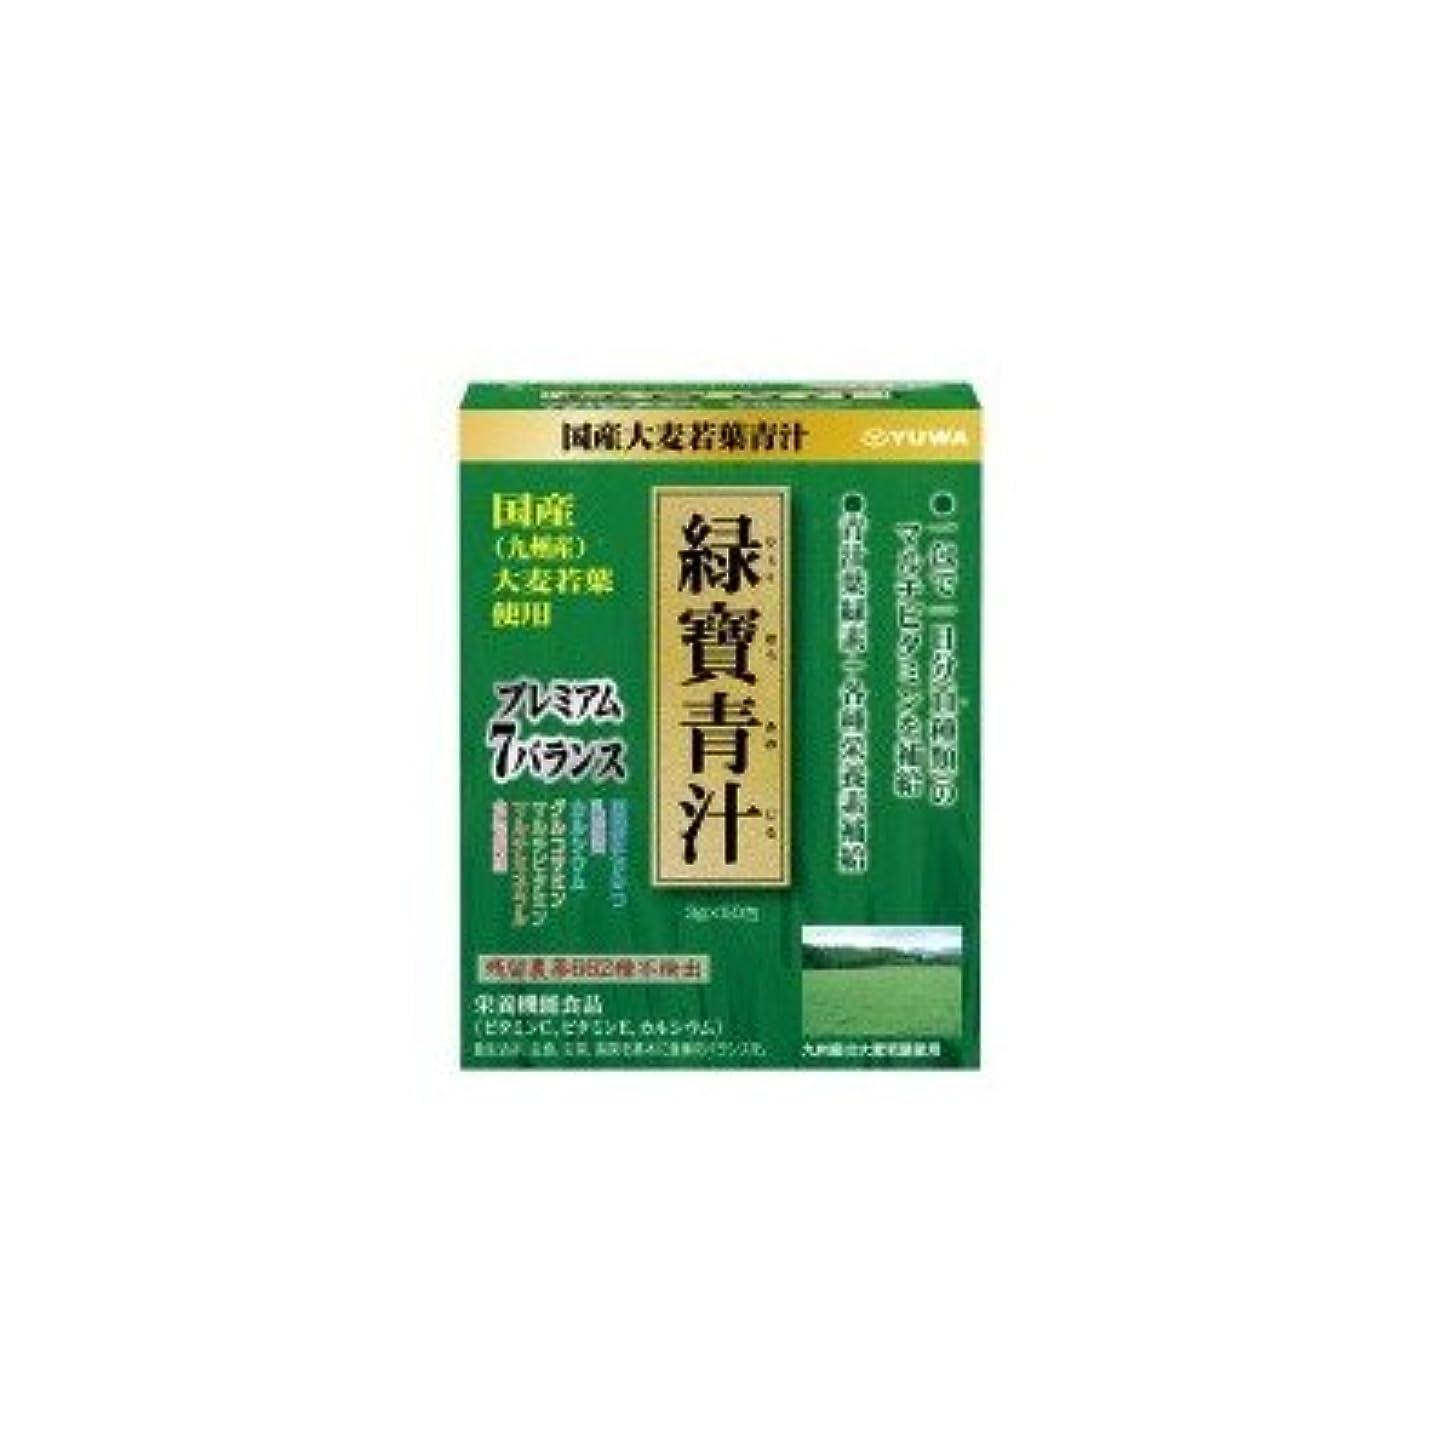 建築家発明ラッドヤードキップリングユーワ 九州産大麦若葉使用 緑寶青汁 150g(3g×50包) 2865